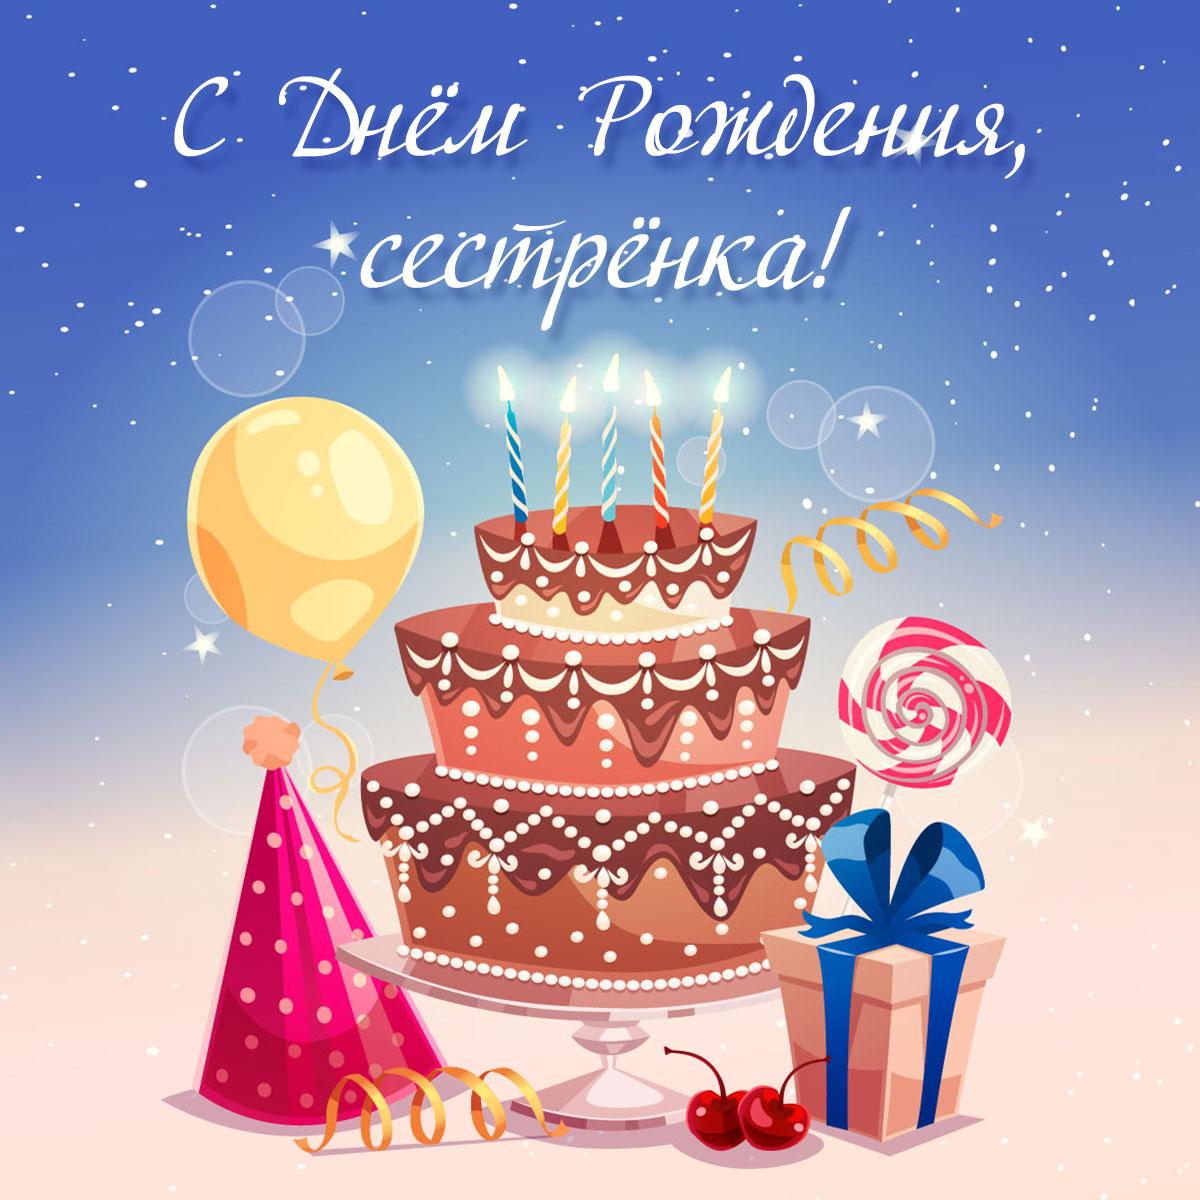 Картинка с текстом с днем рождения сестренка на фоне холодного звёзного неба с тортом и свечами, коробкой с подарком, красной шляпой для вечеринок и жёлтым воздушным шаром.